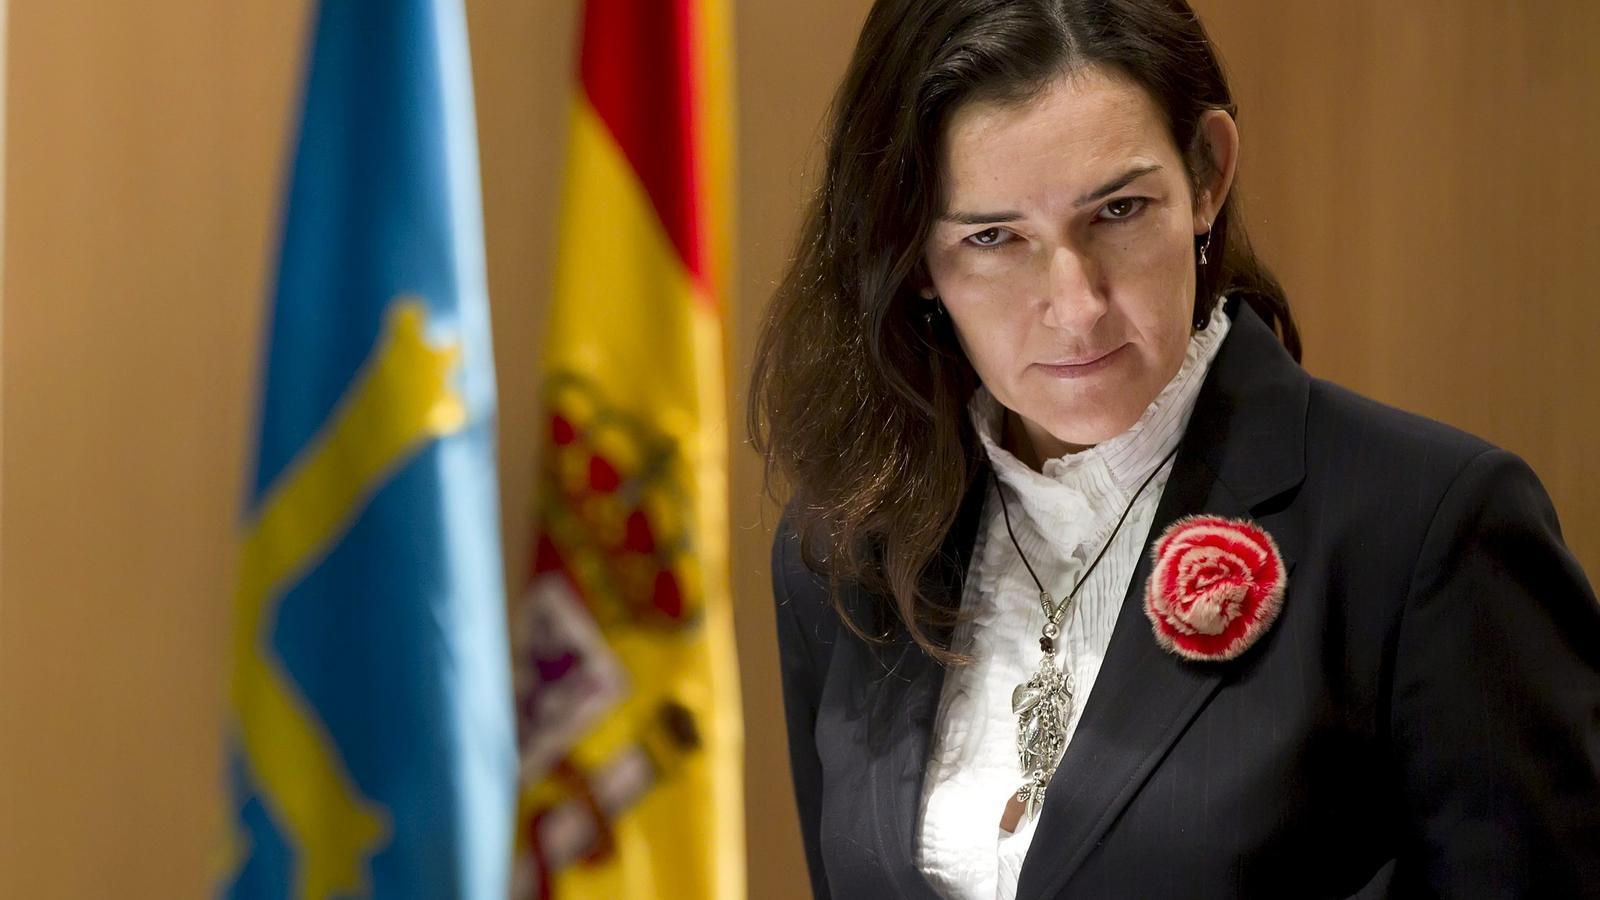 La ministra de Cultura, Ángeles González Sinde